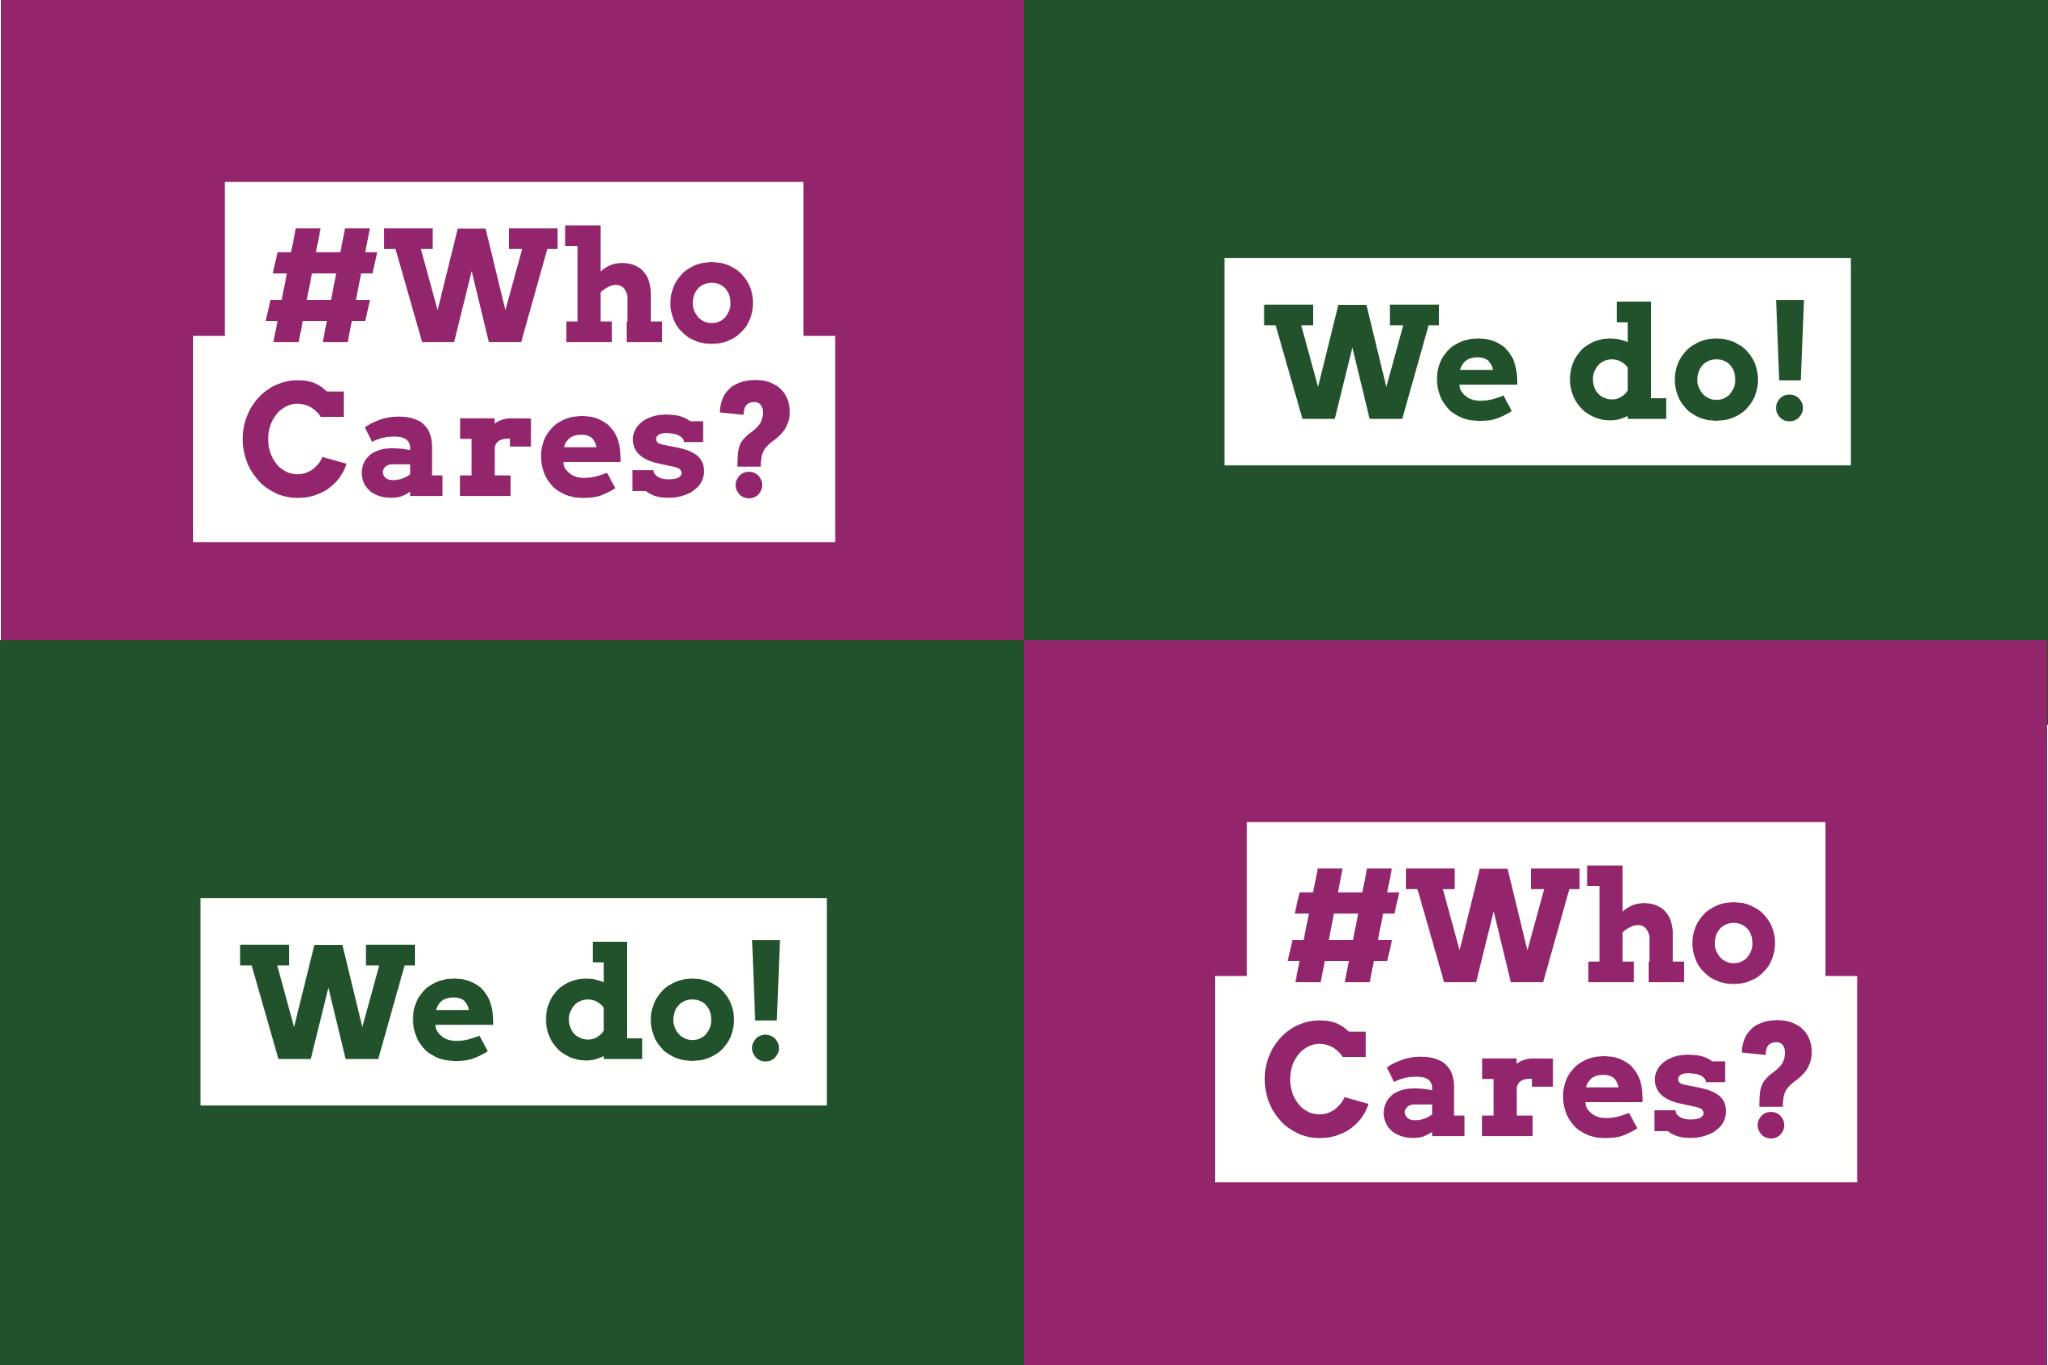 8. März ist Internationaler Frauentag. Unser Fokus: Care-Arbeit. Denn Care-Workerinnen haben mehr verdient!